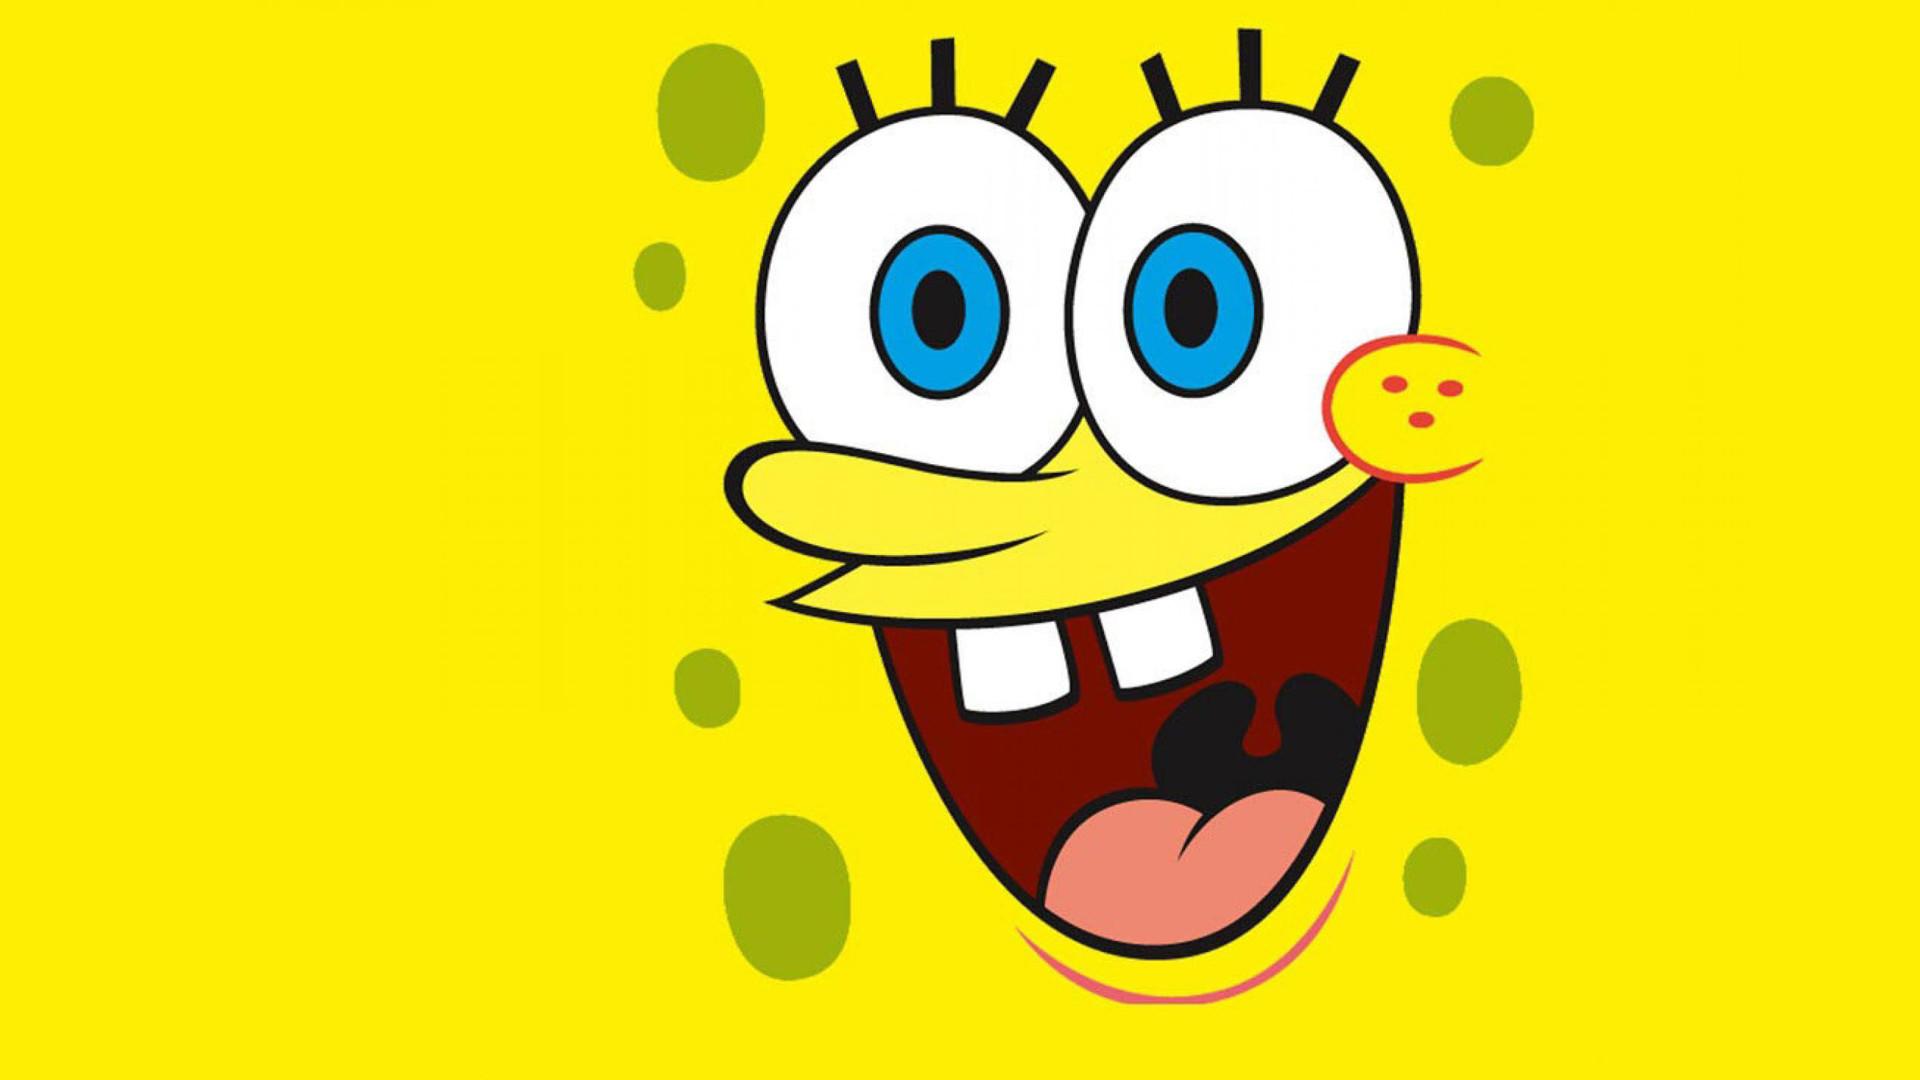 Res: 1920x1080, Spongebob Wallpaper